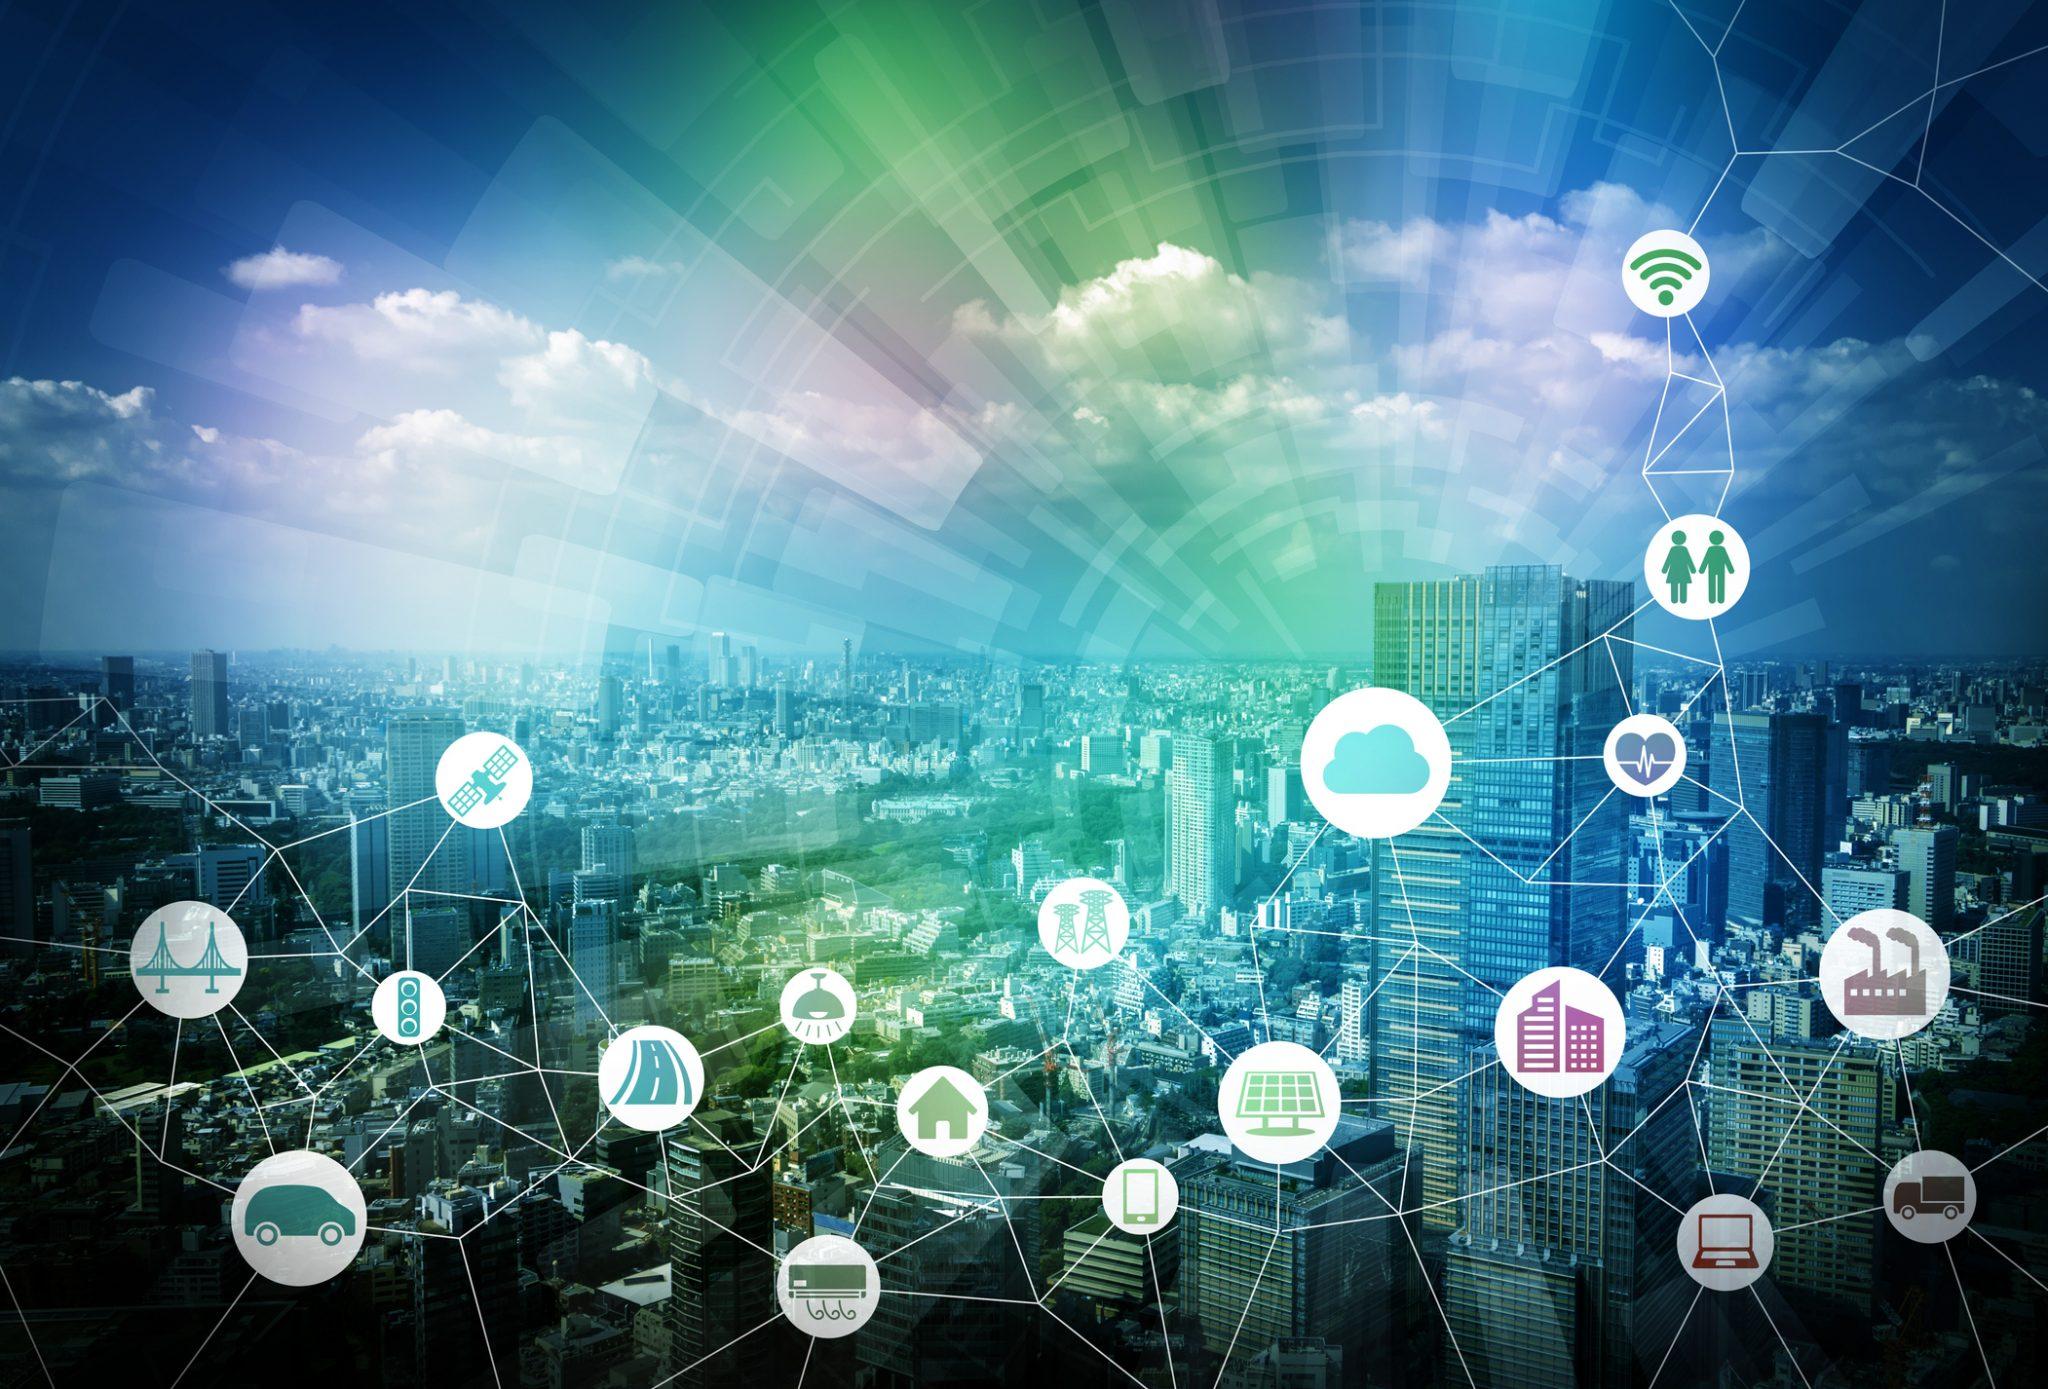 解构物联网核心要素,2021贸泽电子技术创新主题周直播正式开启